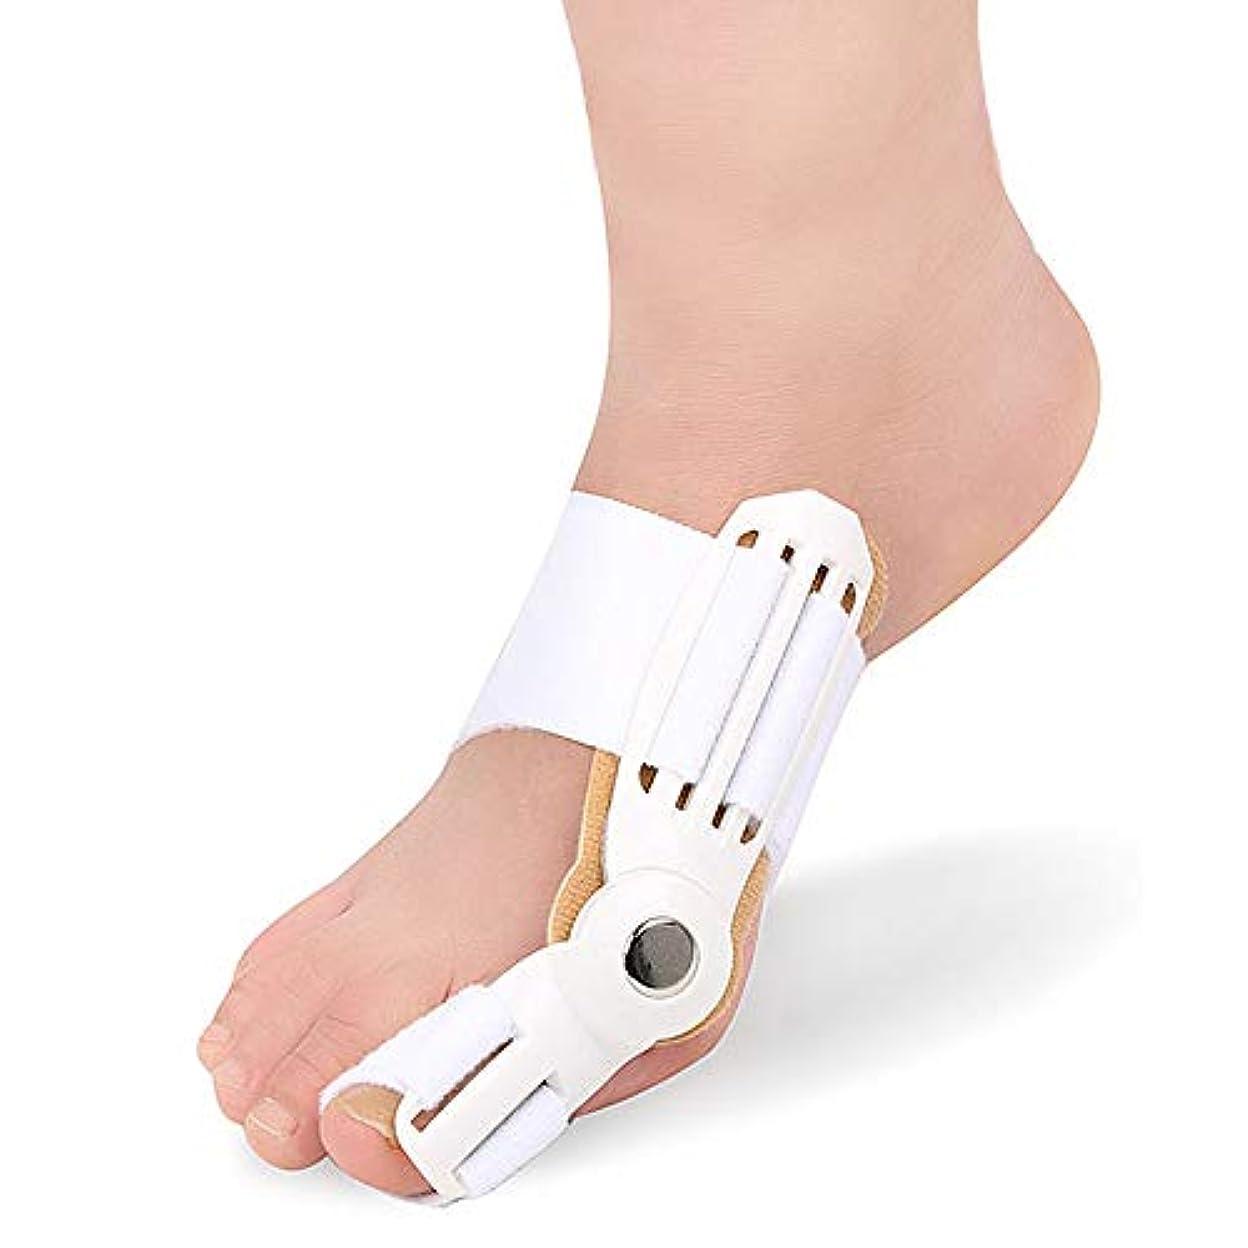 韓国語却下する冷淡なつま先セパレーターは、ヨガのエクササイズ後のつま先重なりの腱板ユニバーサル左右ワンサイズ予防の痛みと変形を防ぎます,白